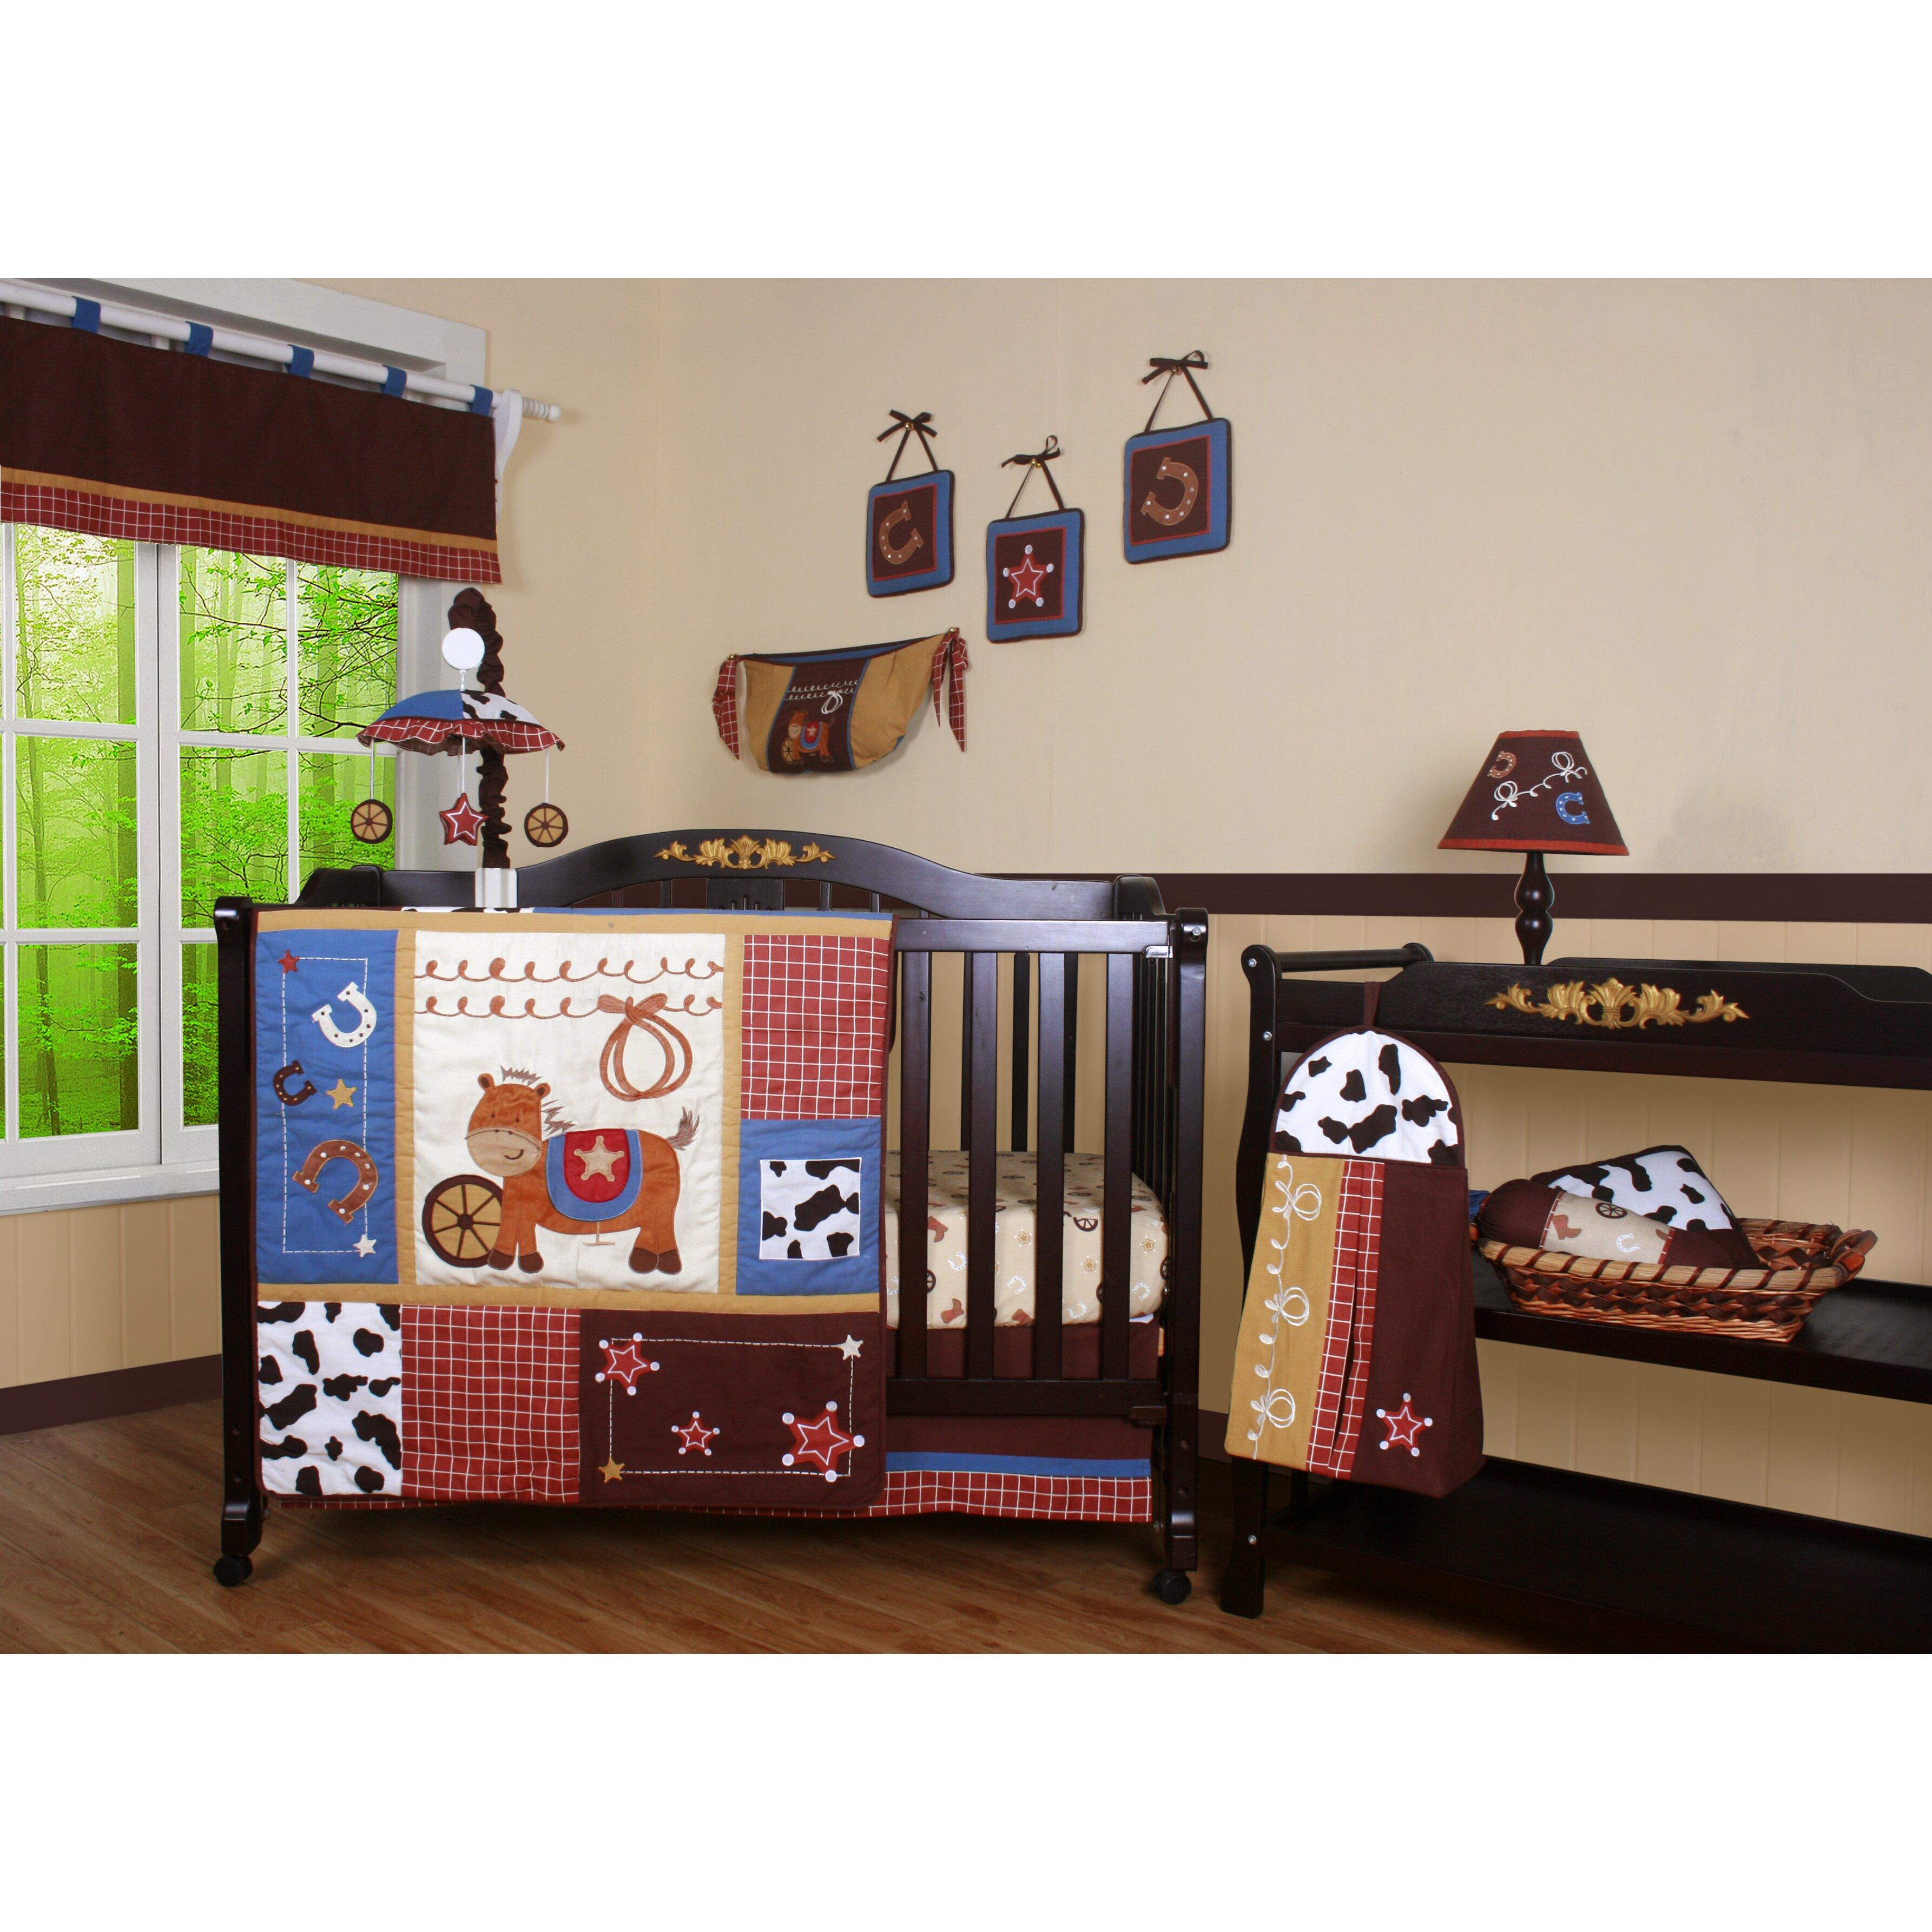 Geenny boutique horse cowboy 13 piece crib bedding set reviews wayfair - Geenny crib bedding sets ...